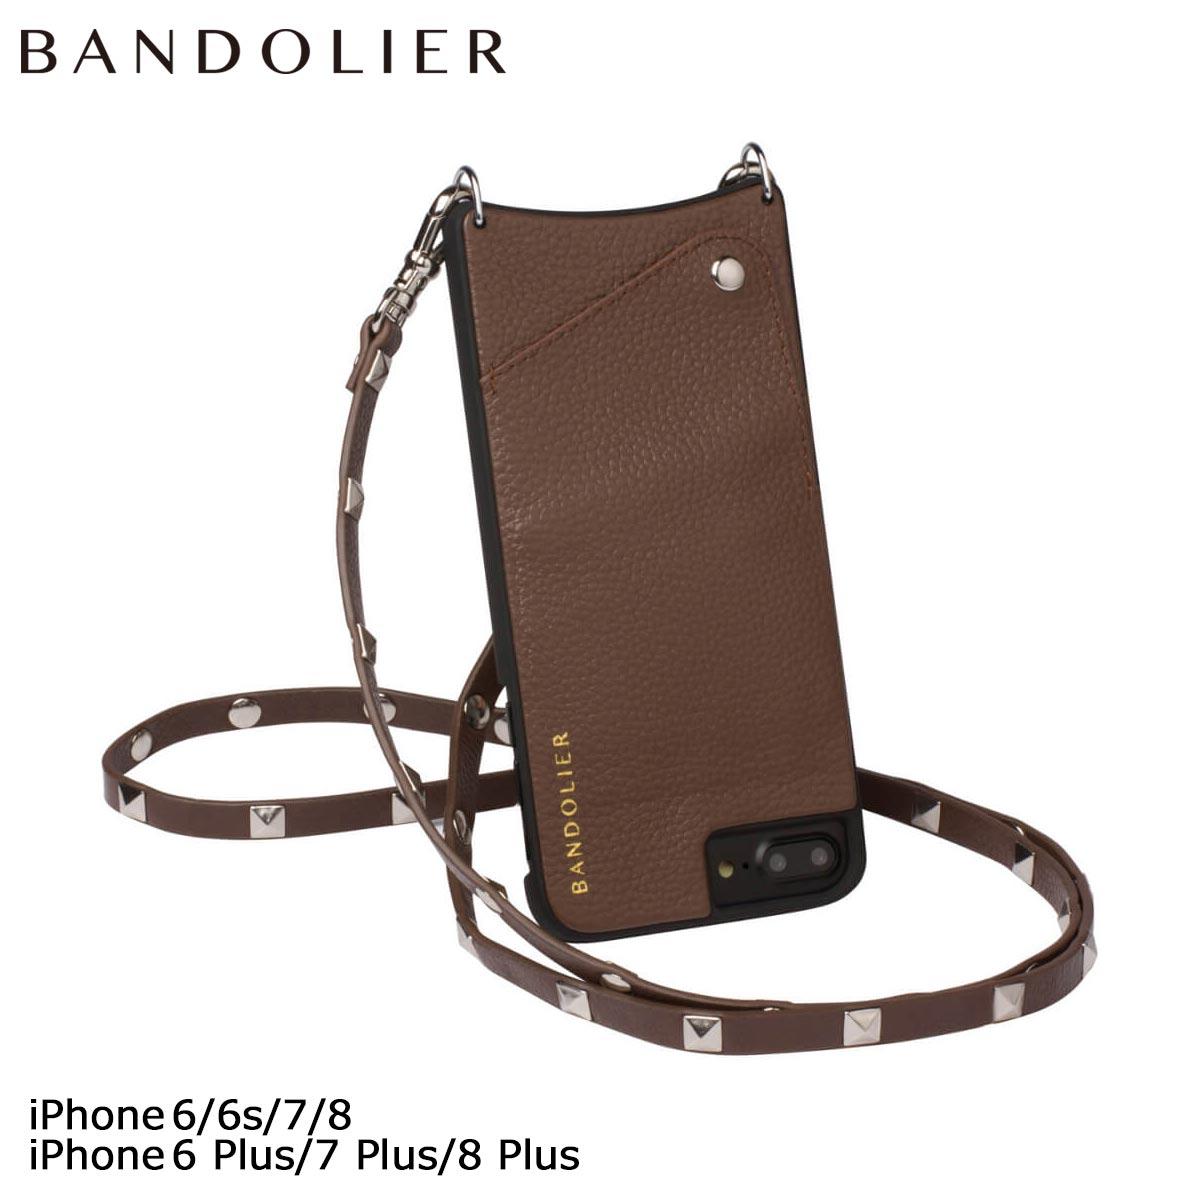 BANDOLIER SARAH バンドリヤー iPhone8 iPhone7 7Plus 6s ケース スマホ アイフォン プラス FALL17 レザー メンズ レディース